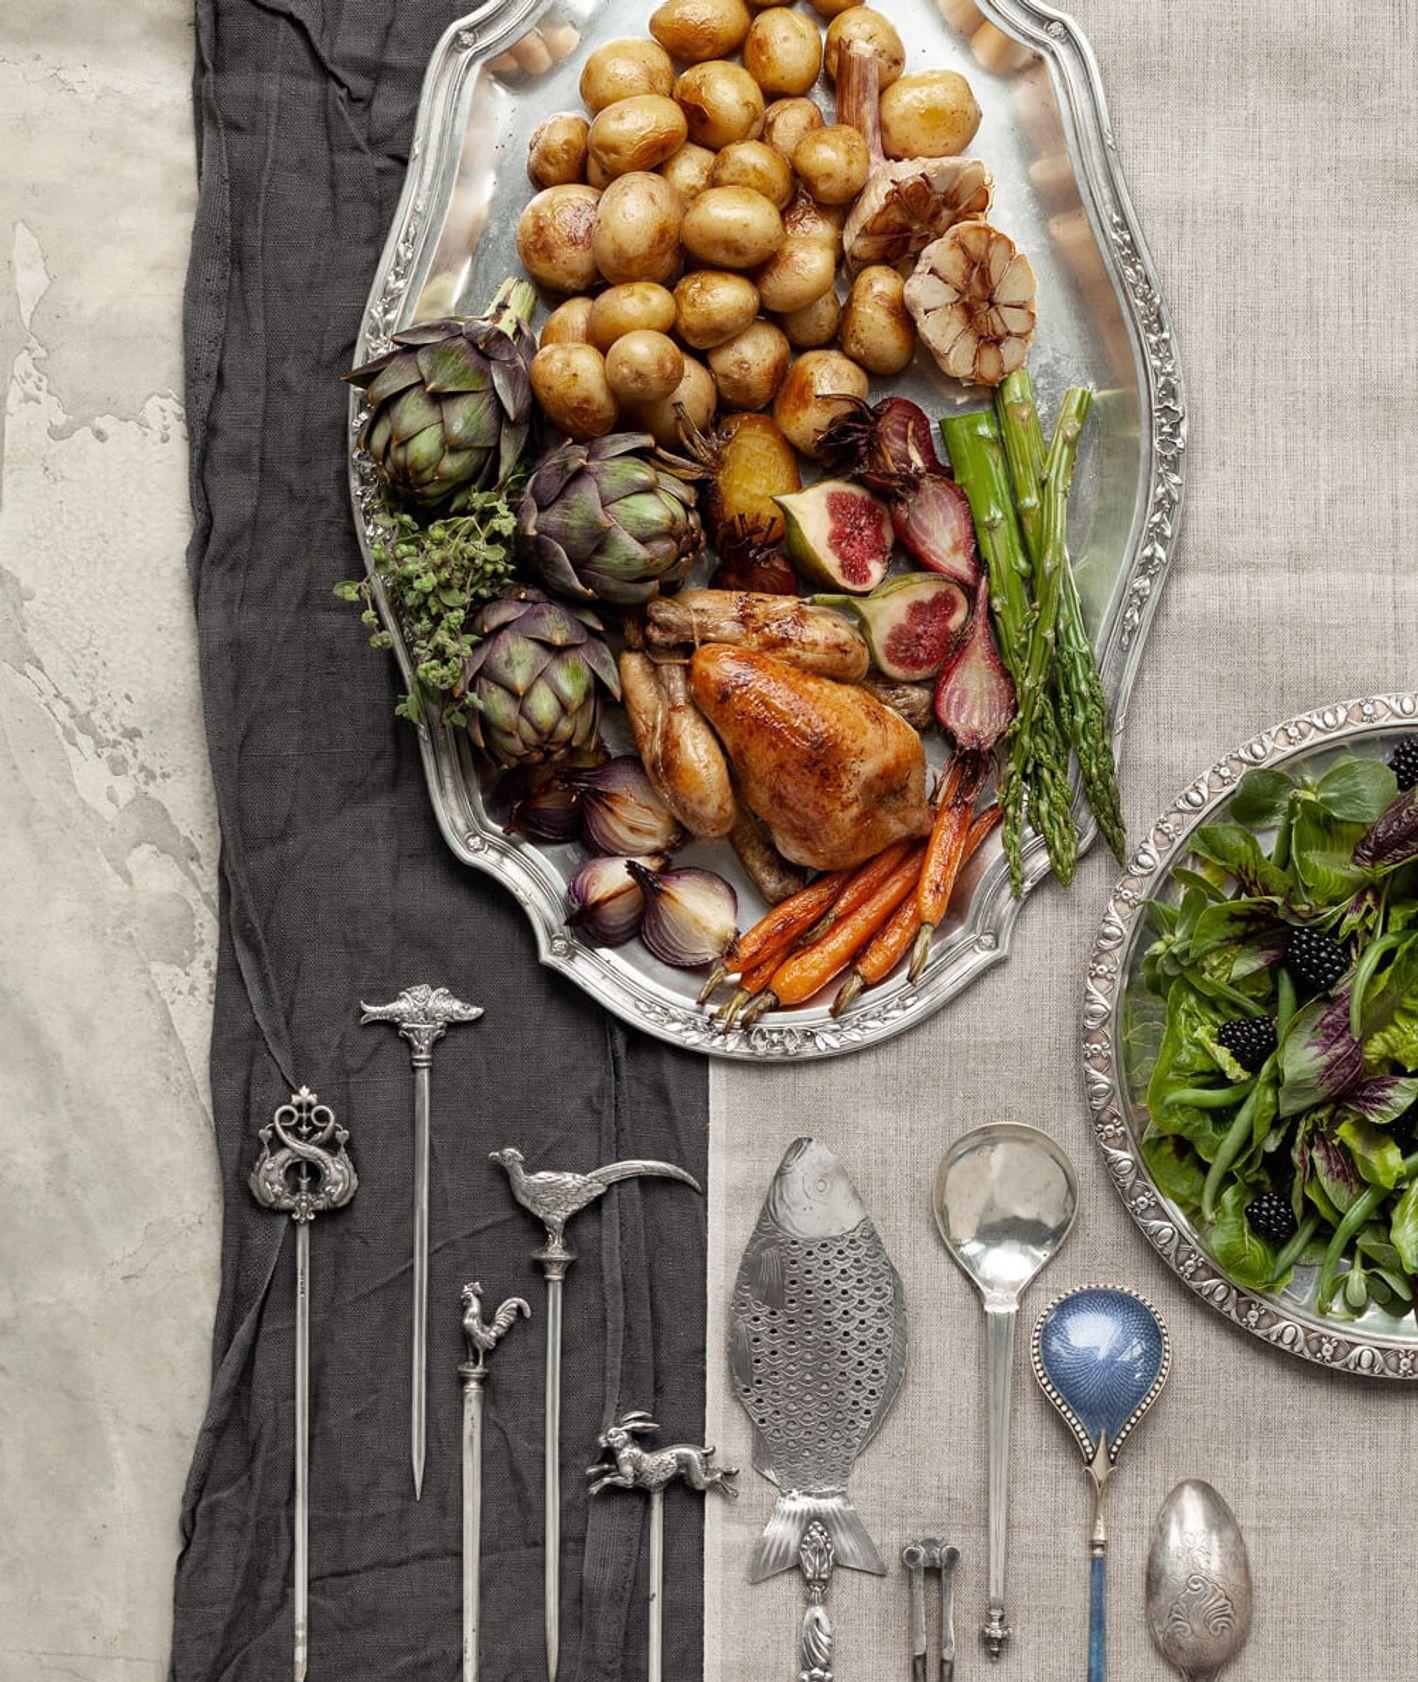 Kompozycja z przedmiotami aukcji Desy, jedzenie i naczynia (fot. Marcin Koniak)